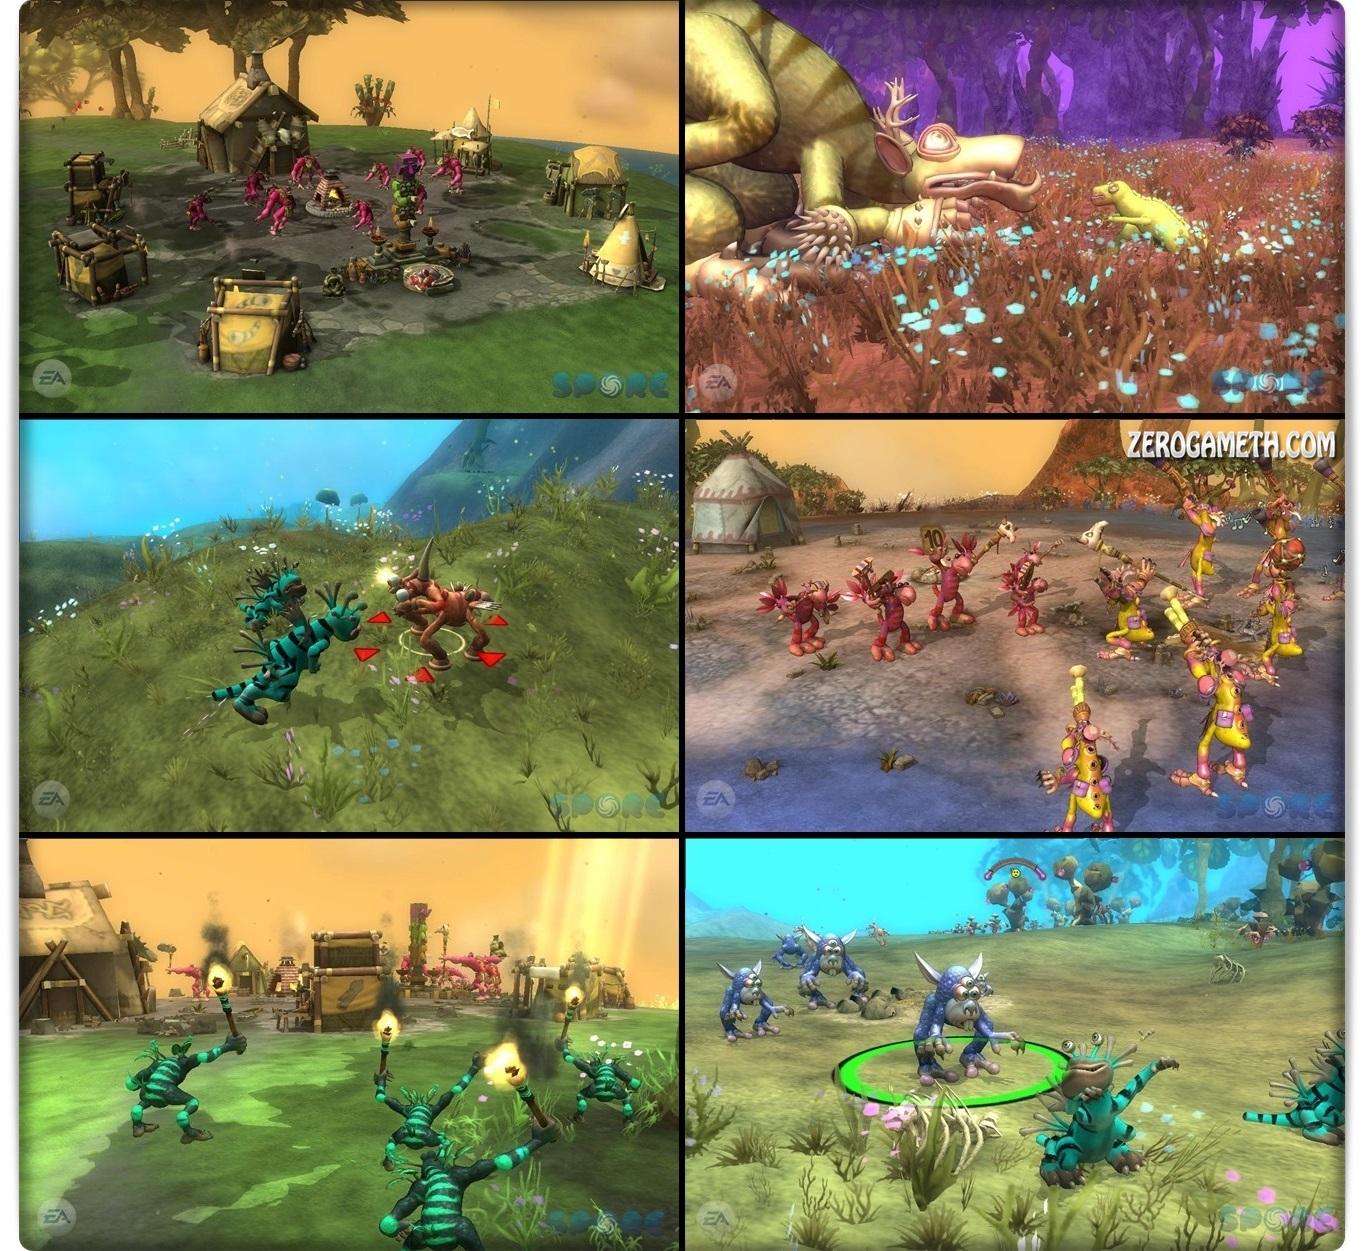 pc เกม Zerogameth เกมใหม่ 2016 เกมเก่า